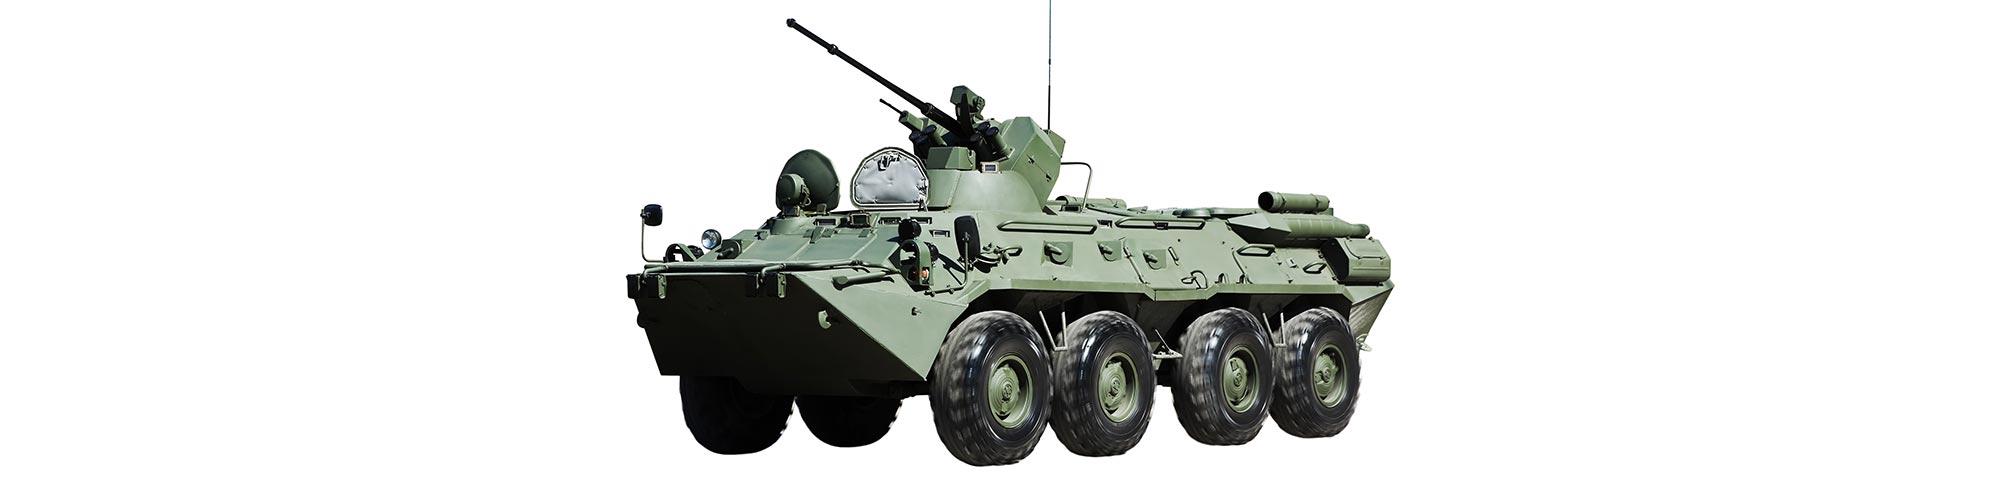 Forsvarsindustrien